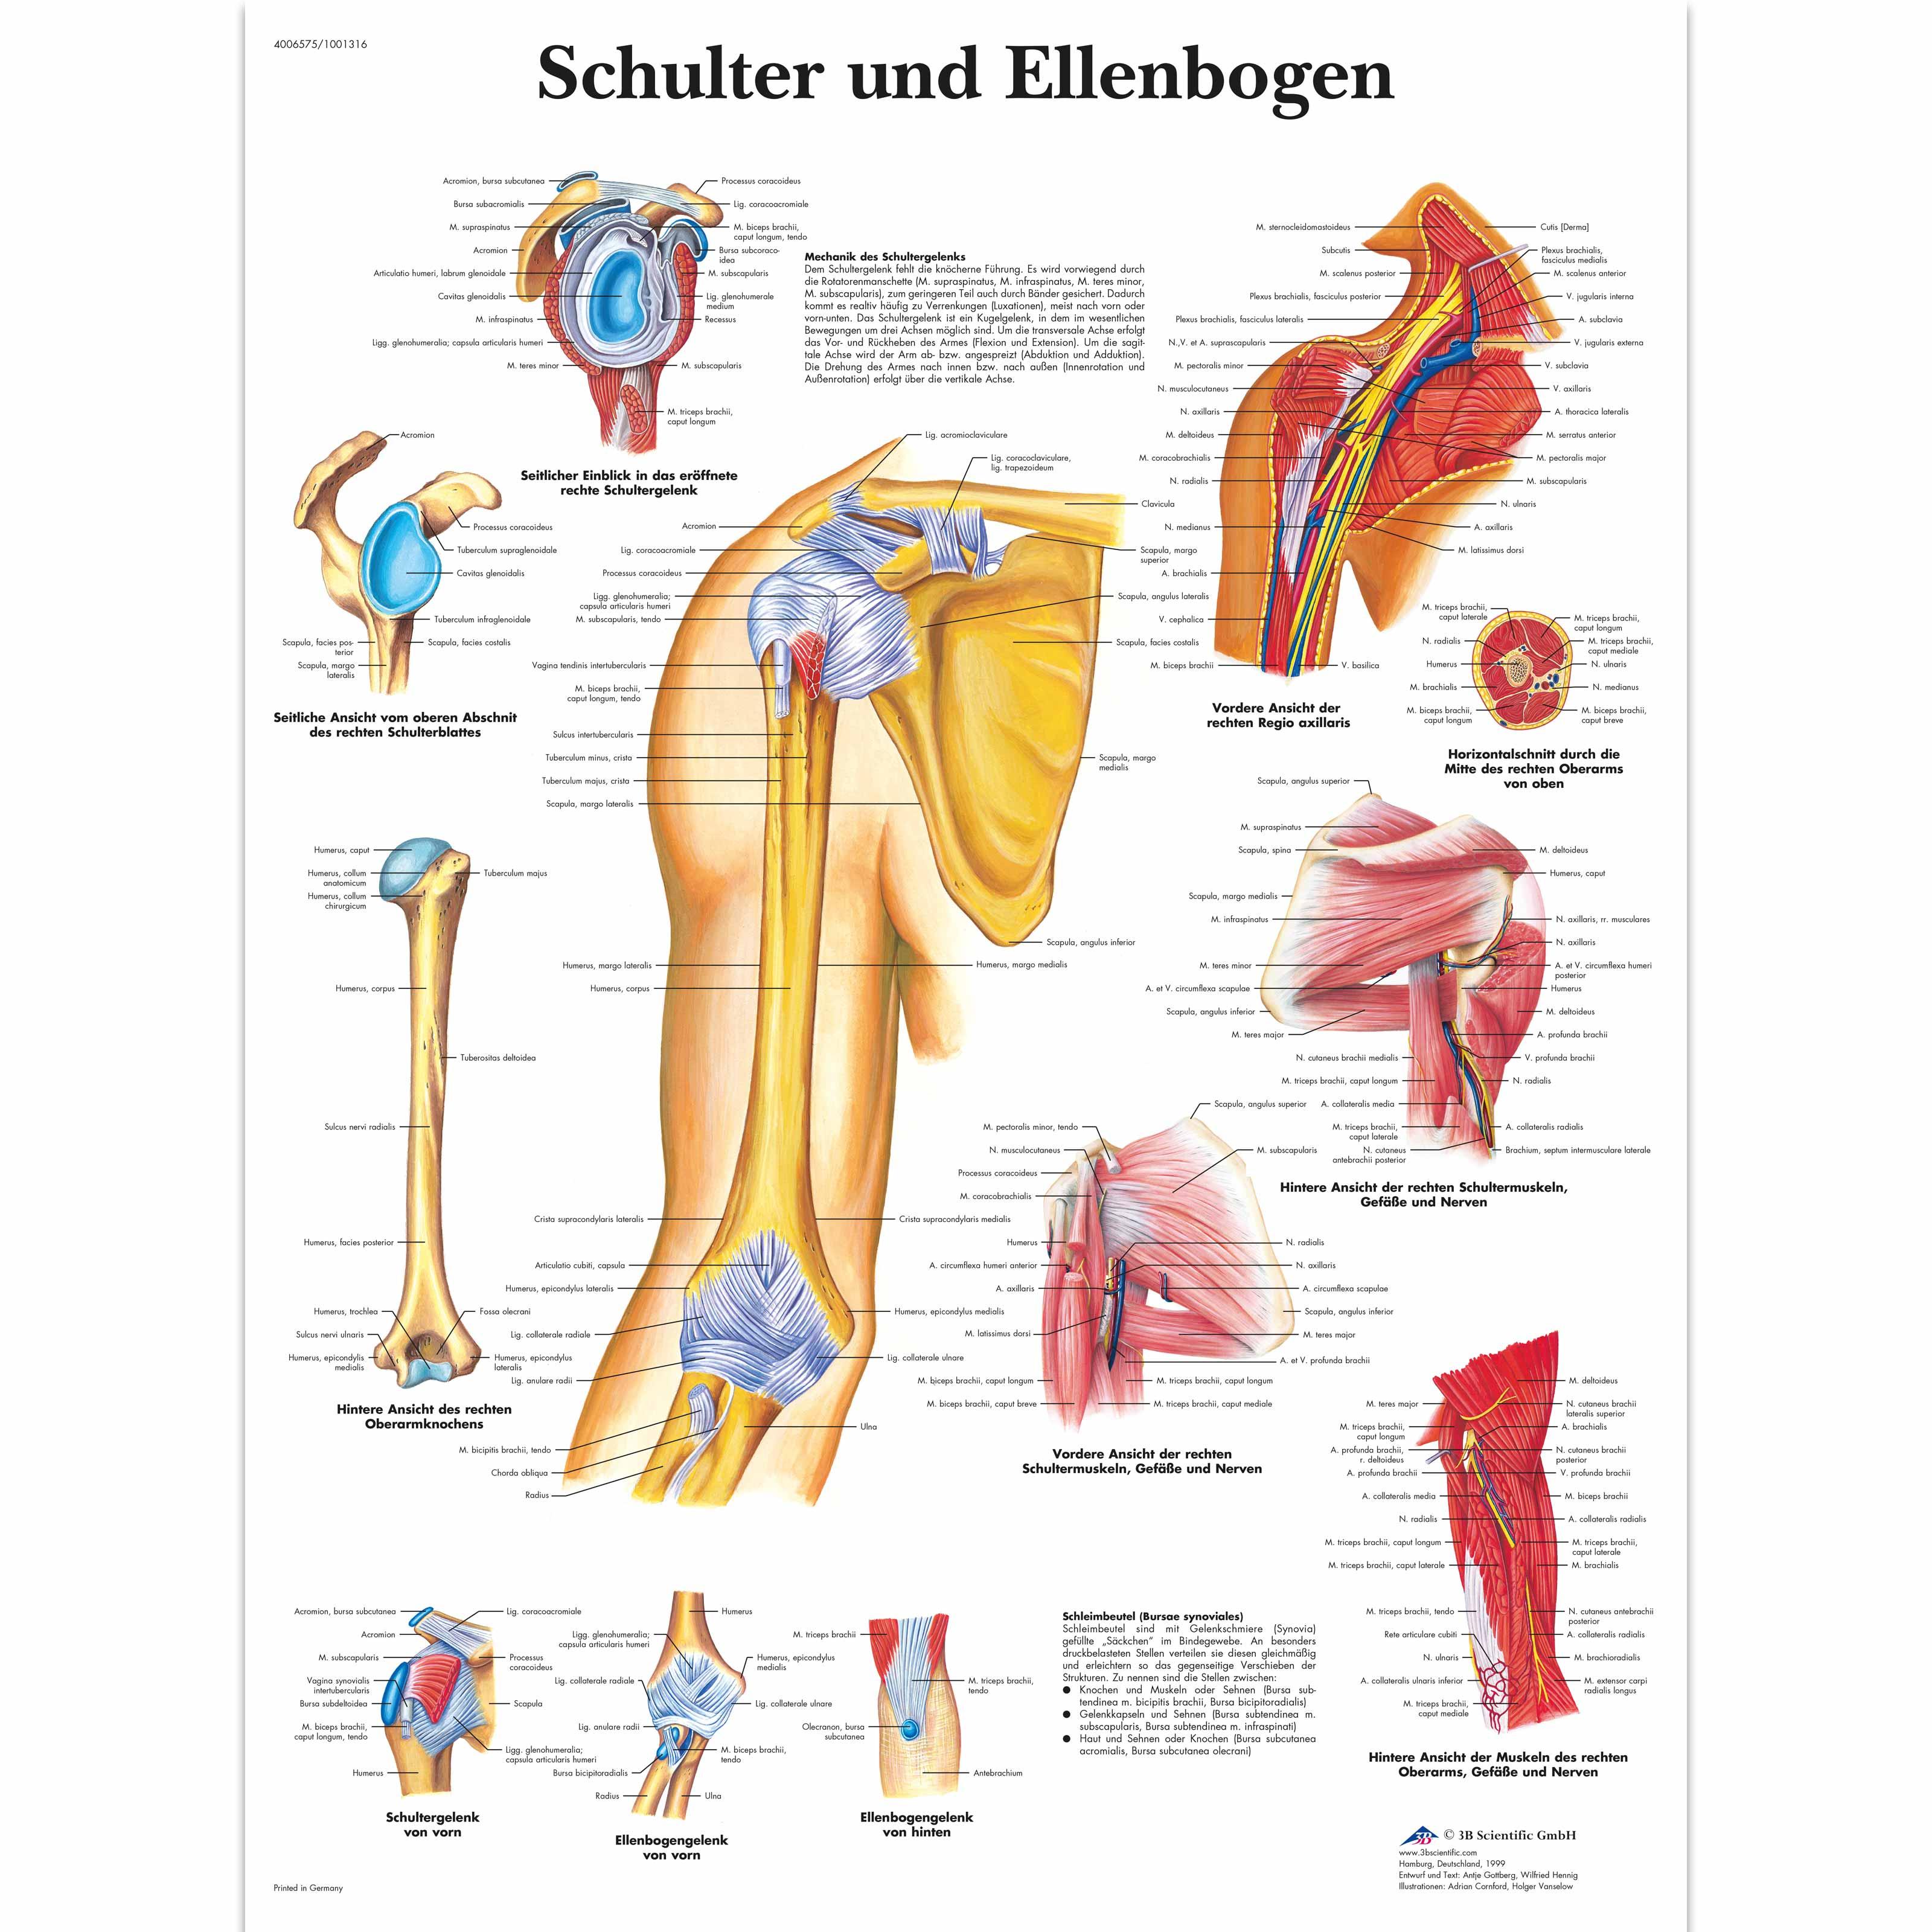 Schulter und Ellenbogen - 1001316 - VR0170L - Skeletal System - 3B ...